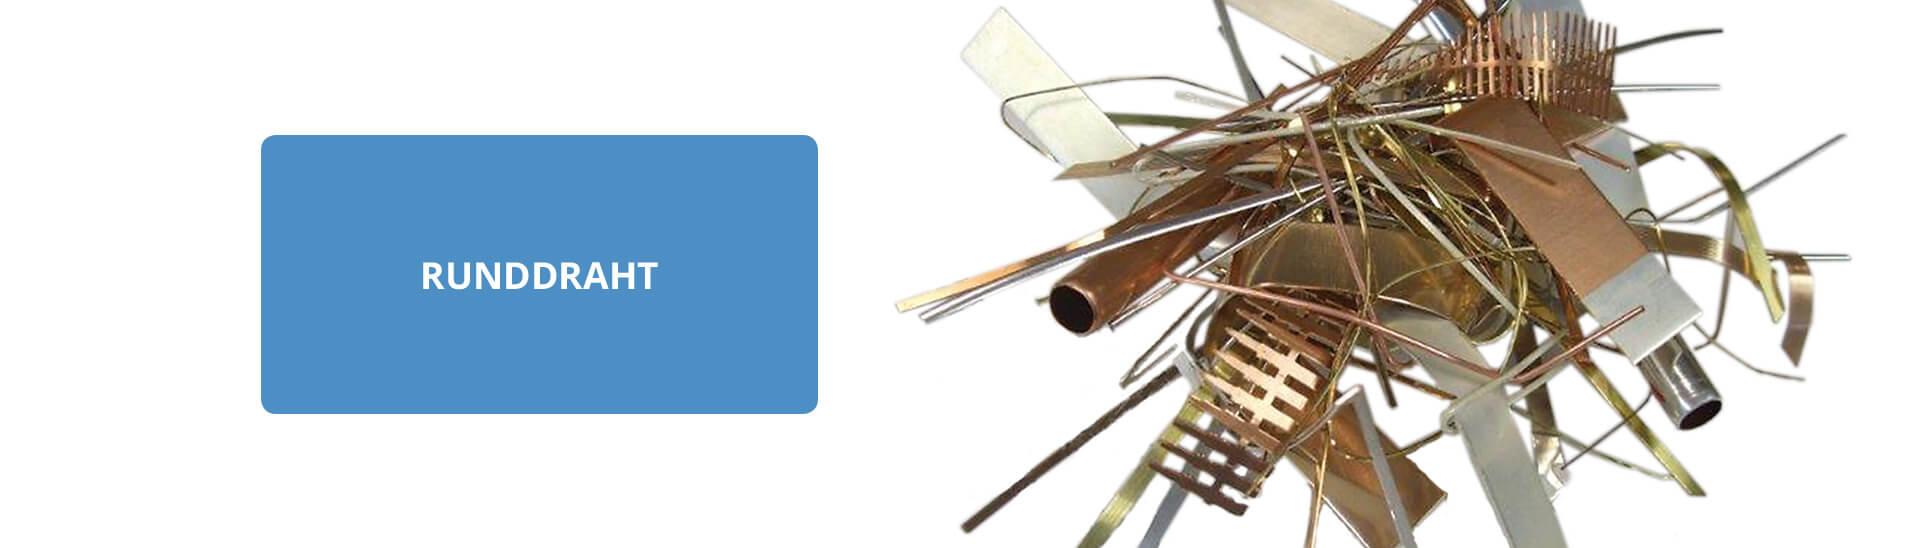 Runddraht - Otto Brenscheidt GmbH & Co. KG - Spezialfabrik für ...